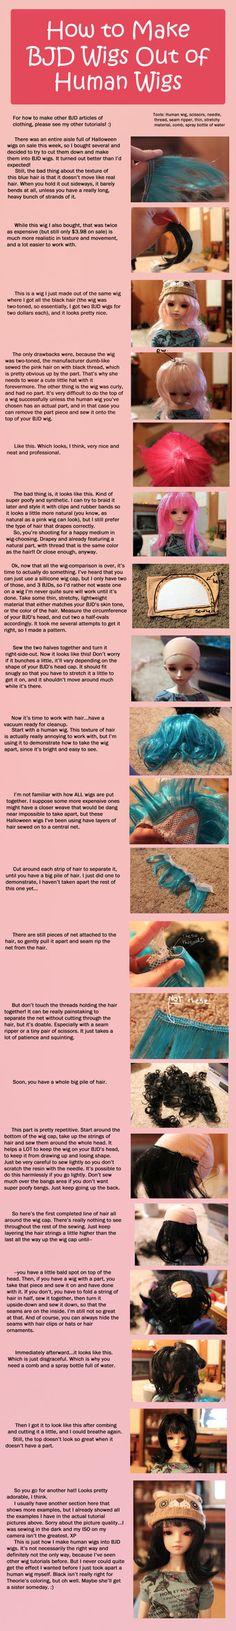 How to make BJD wigs from human wigs RodianAngel.devia … on deviantART men toupee women toupee Doll Wigs, Doll Hair, Clay Dolls, Bjd Dolls, Doll Crafts, Diy Doll, Doll Making Tutorials, Human Wigs, Doll Tutorial